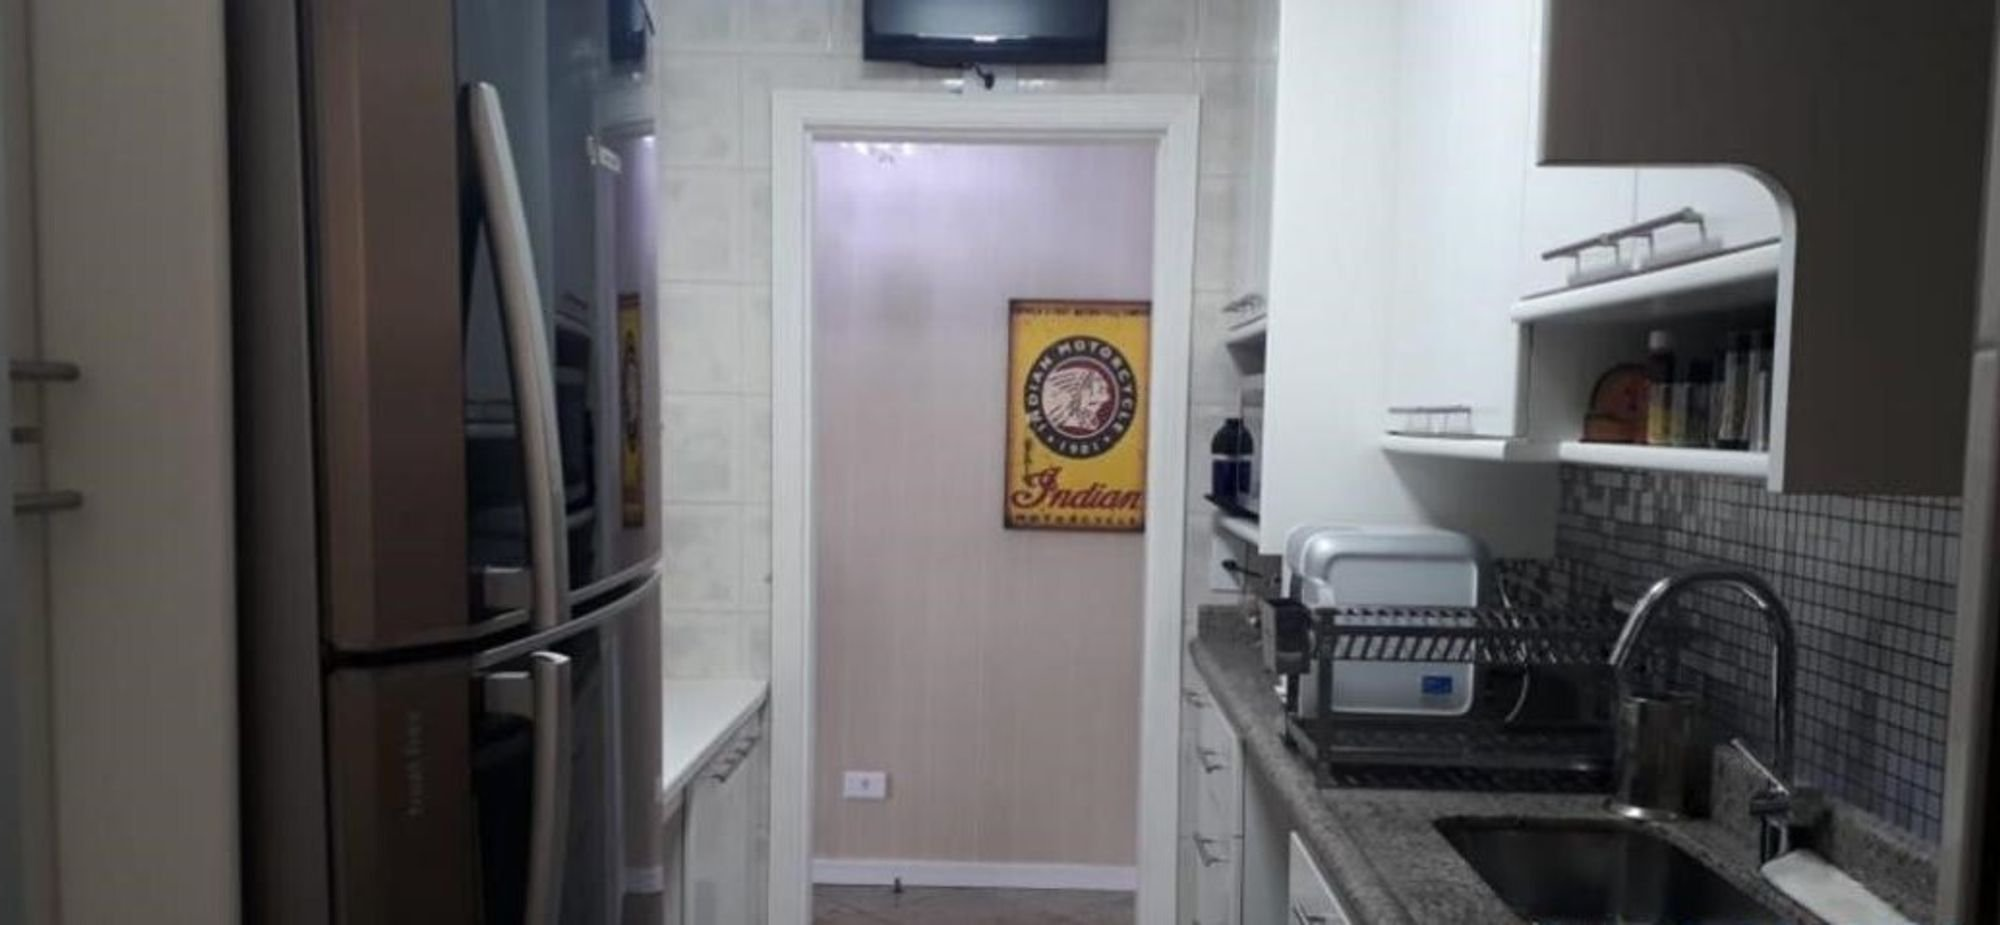 Nesta foto há geladeira, pia